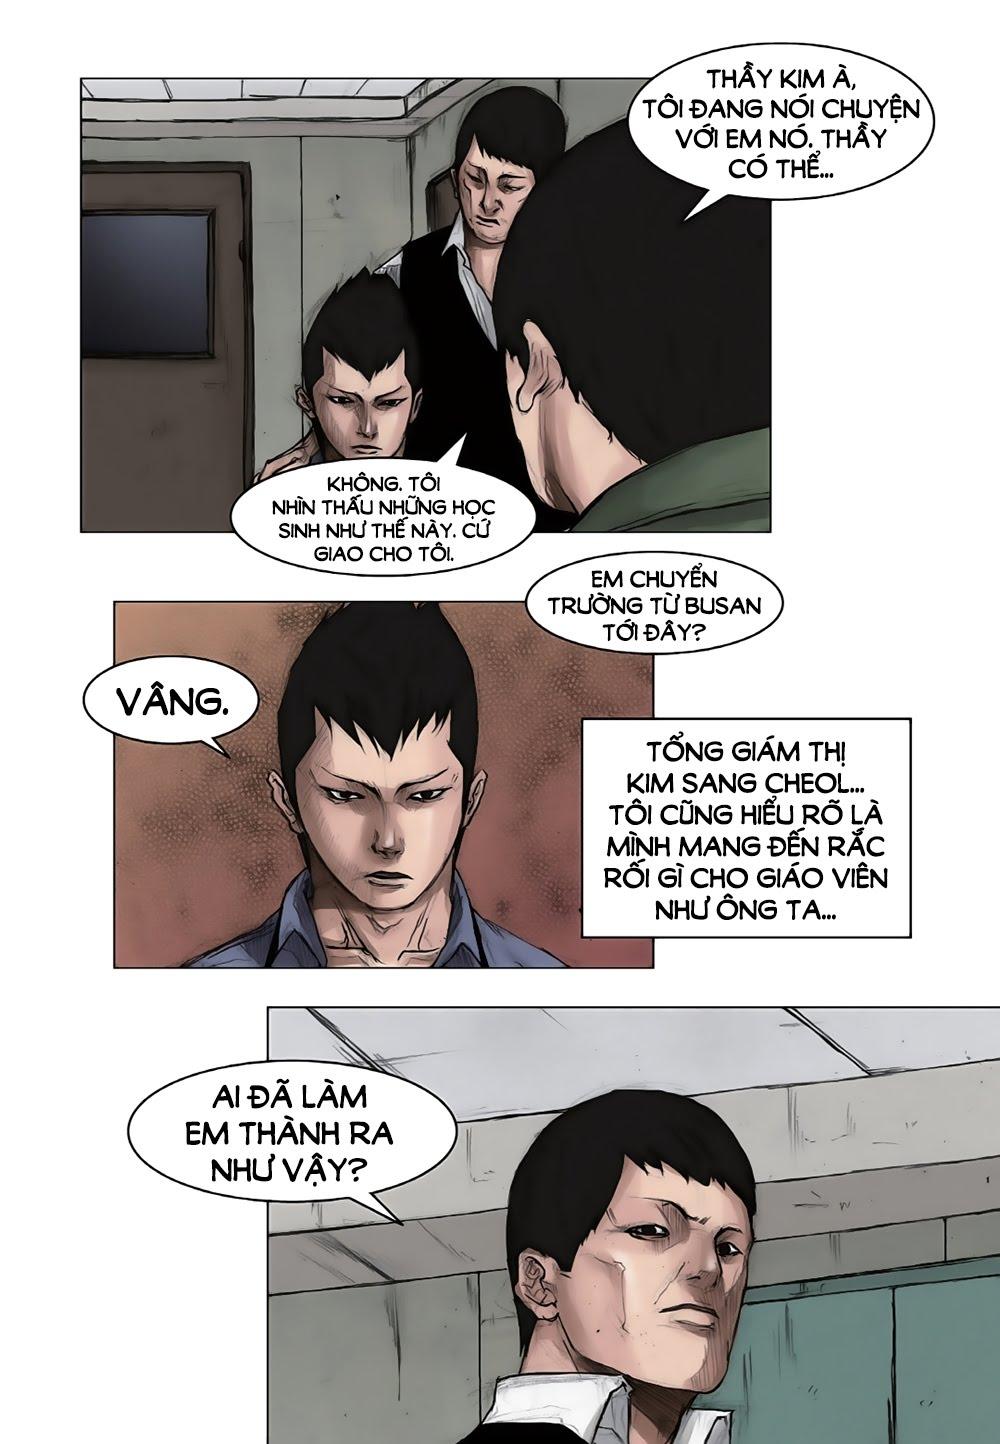 Tong phần 1-5 trang 30